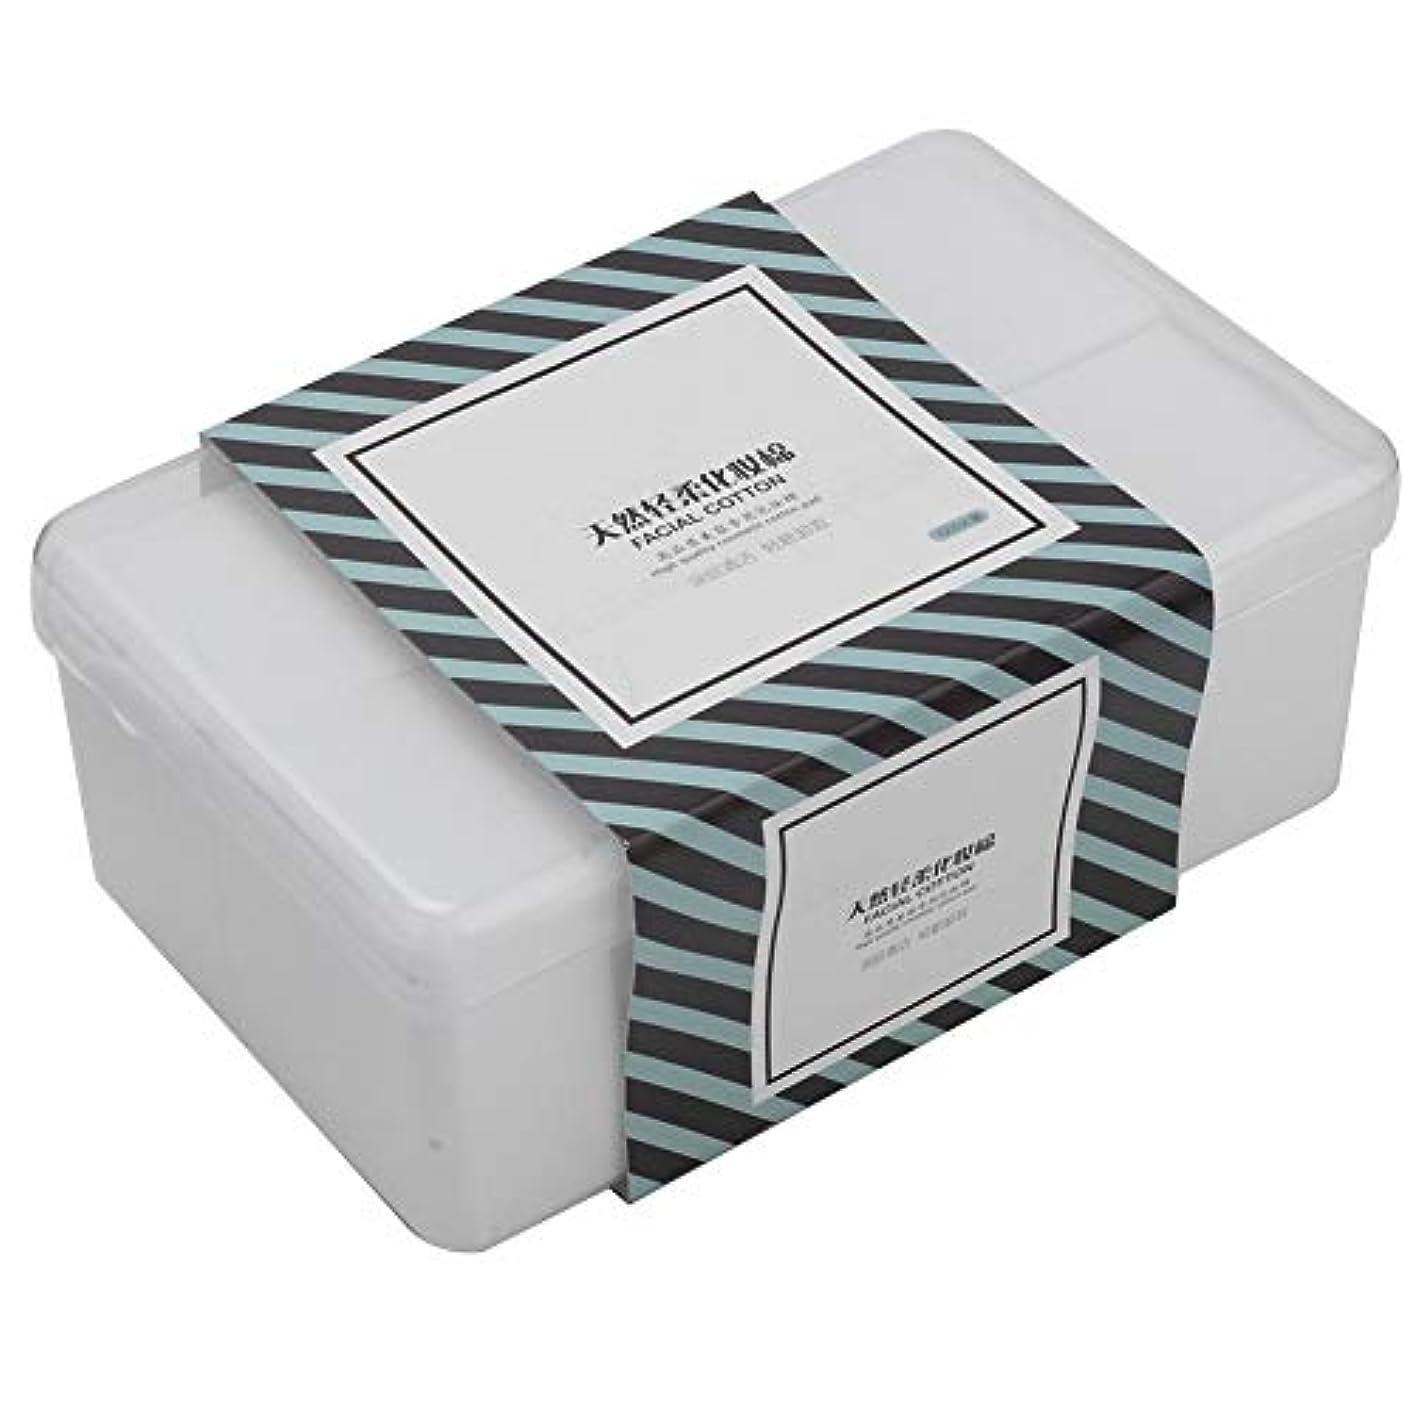 手当遺体安置所松明1000枚 /箱の構造の綿パッドの化粧品は清潔になりますスキンケアを拭きます